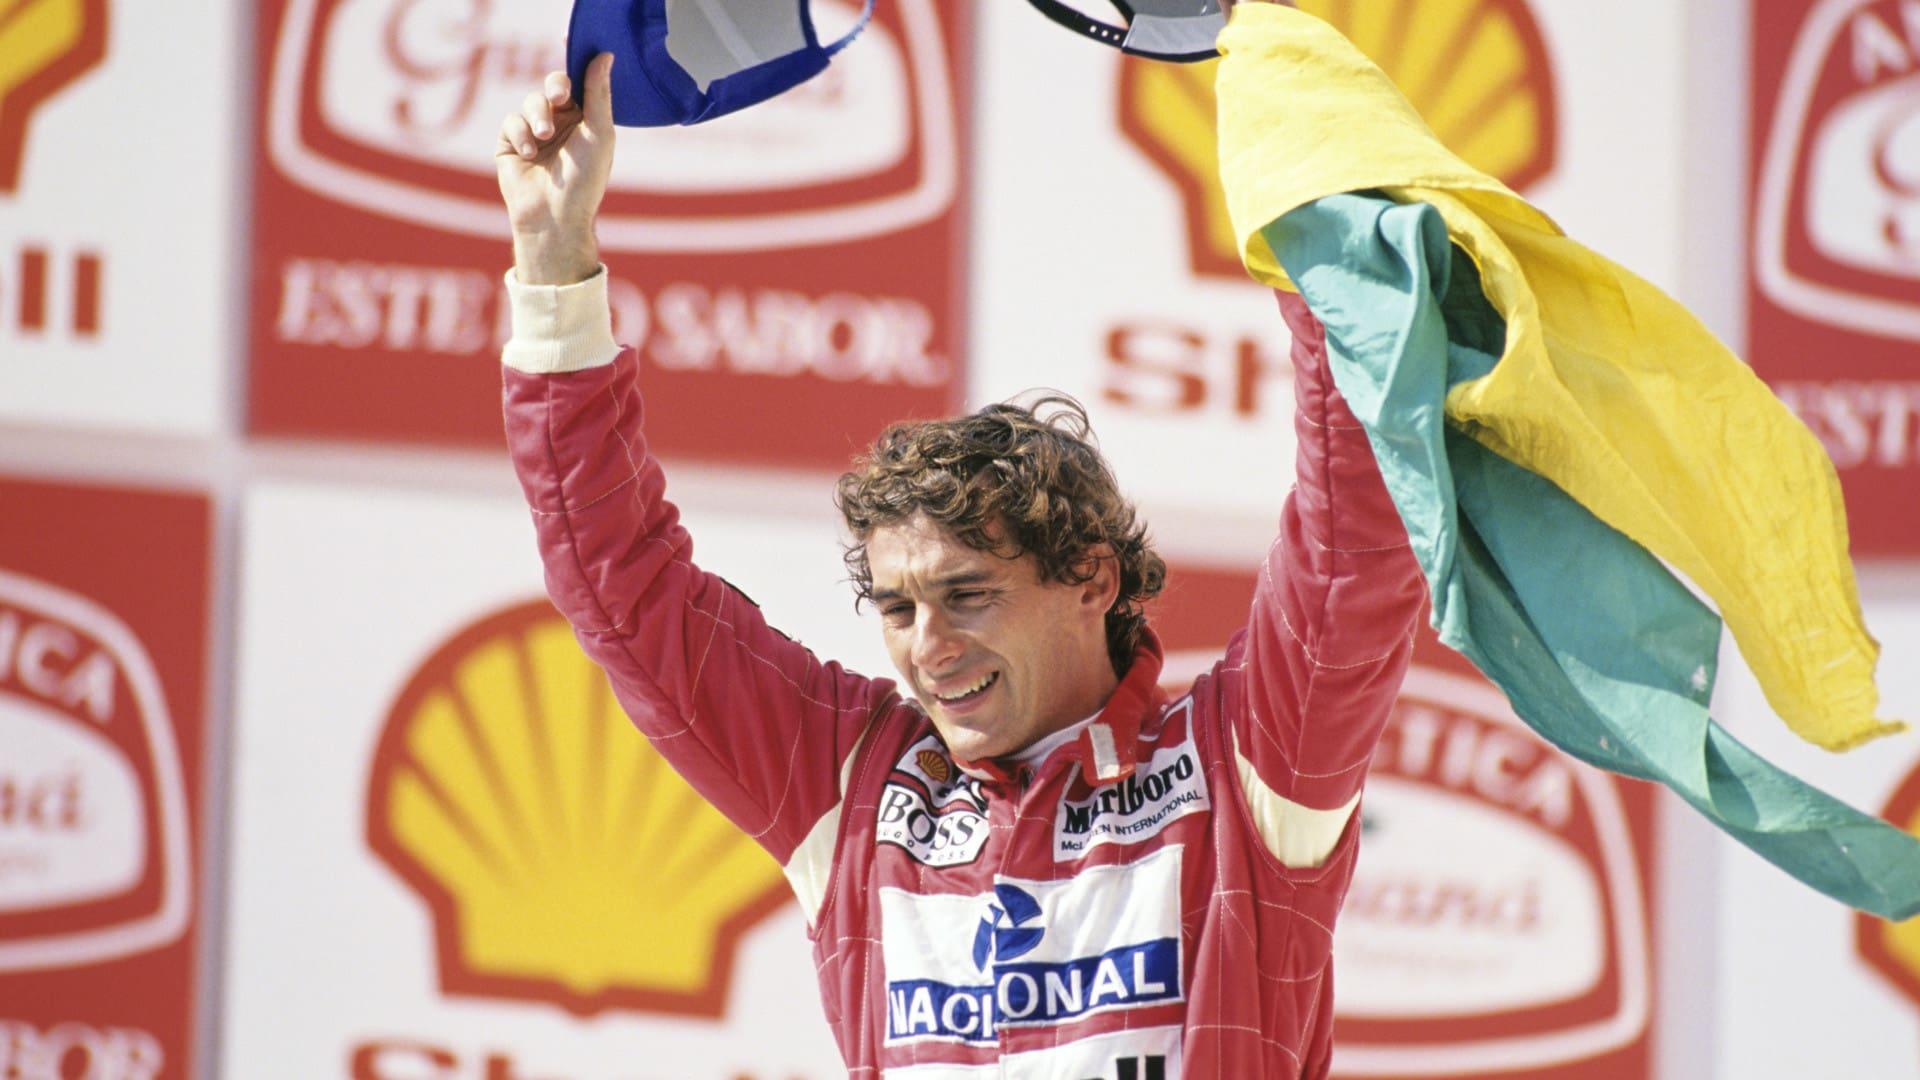 Regarder Senna en streaming gratuit